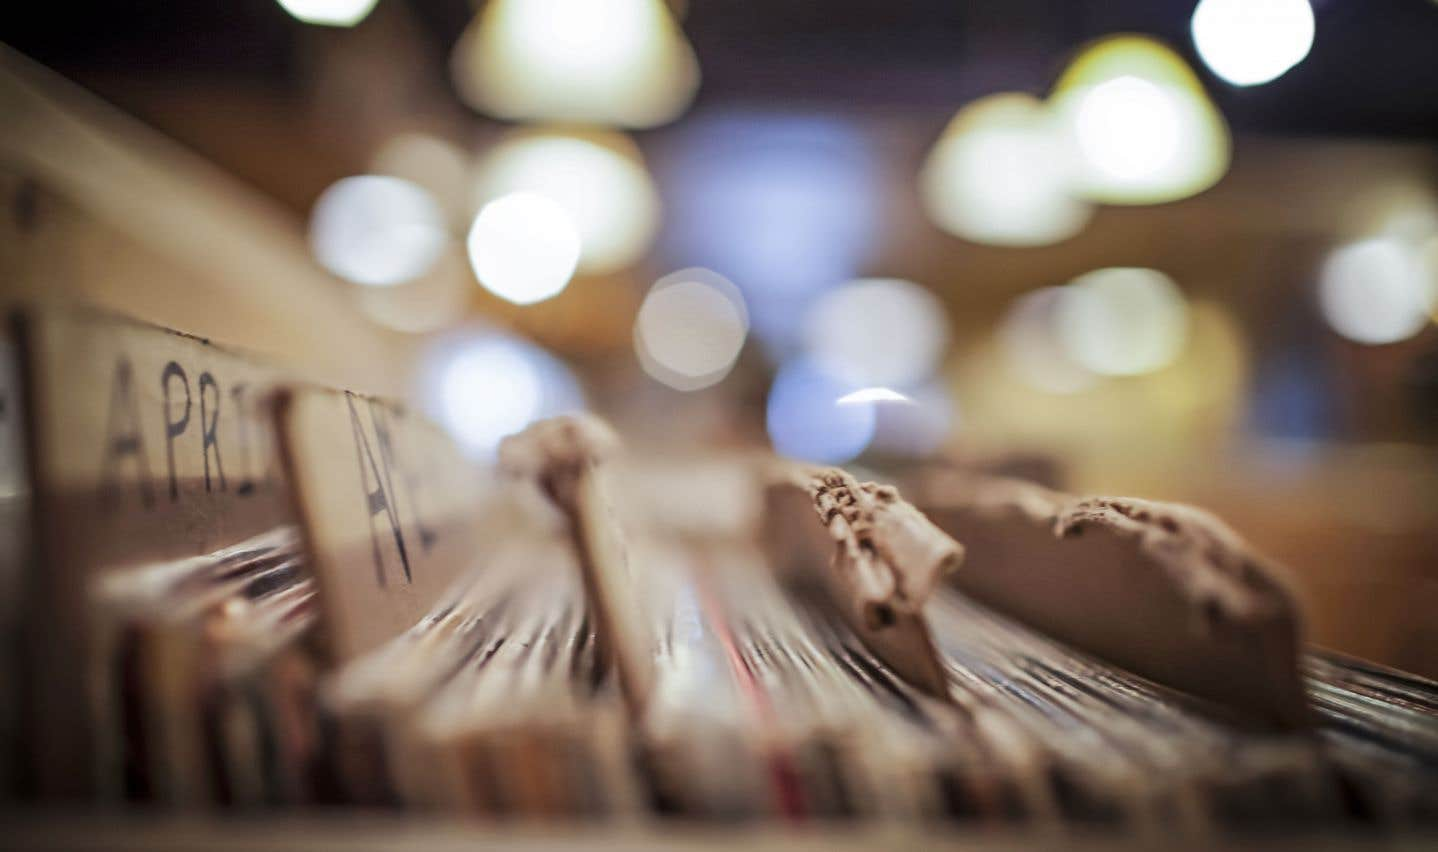 L'objet impose un certain rituel, le microsillon ravive l'art (presque) oublié de l'écoute de la musique.